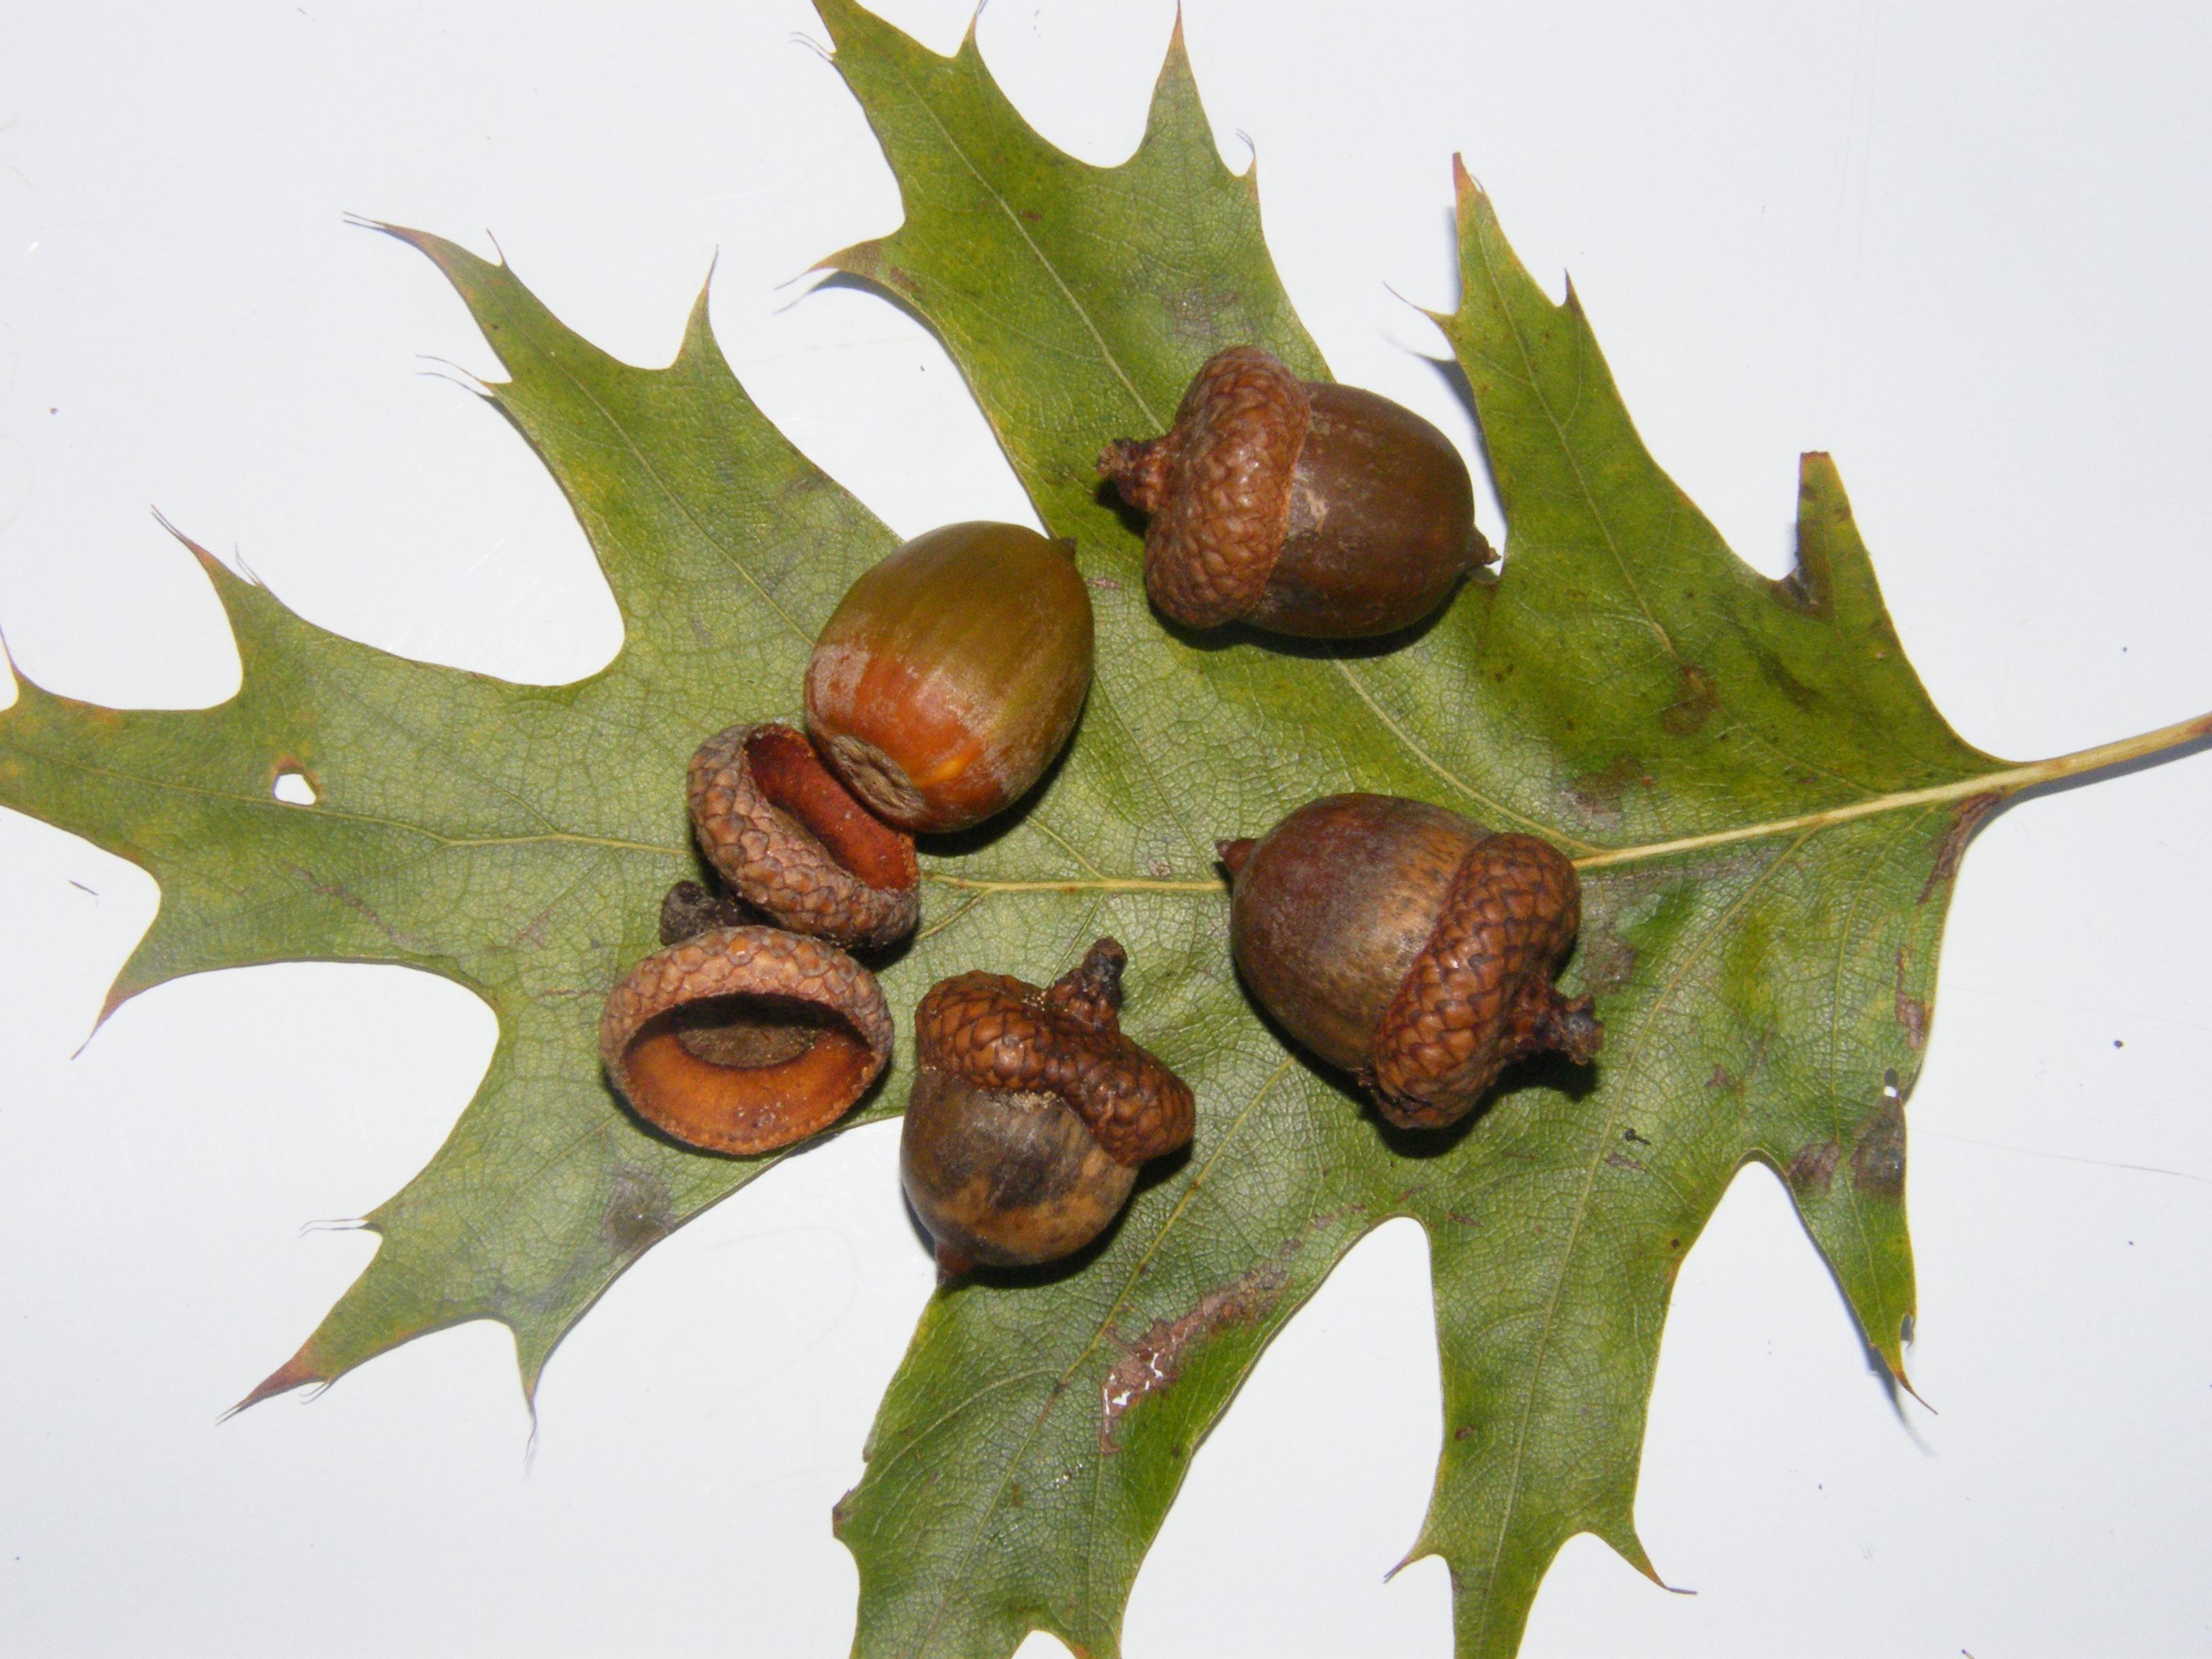 hình ảnh : chi nhánh, thực vật, Lá, Trang trí, món ăn, Sản xuất, Mùa thu,  nâu, Thực vật học, Hệ thực vật, Acorn, Trái cây, Cây sồi, Acorns, hạt dẻ,  ...